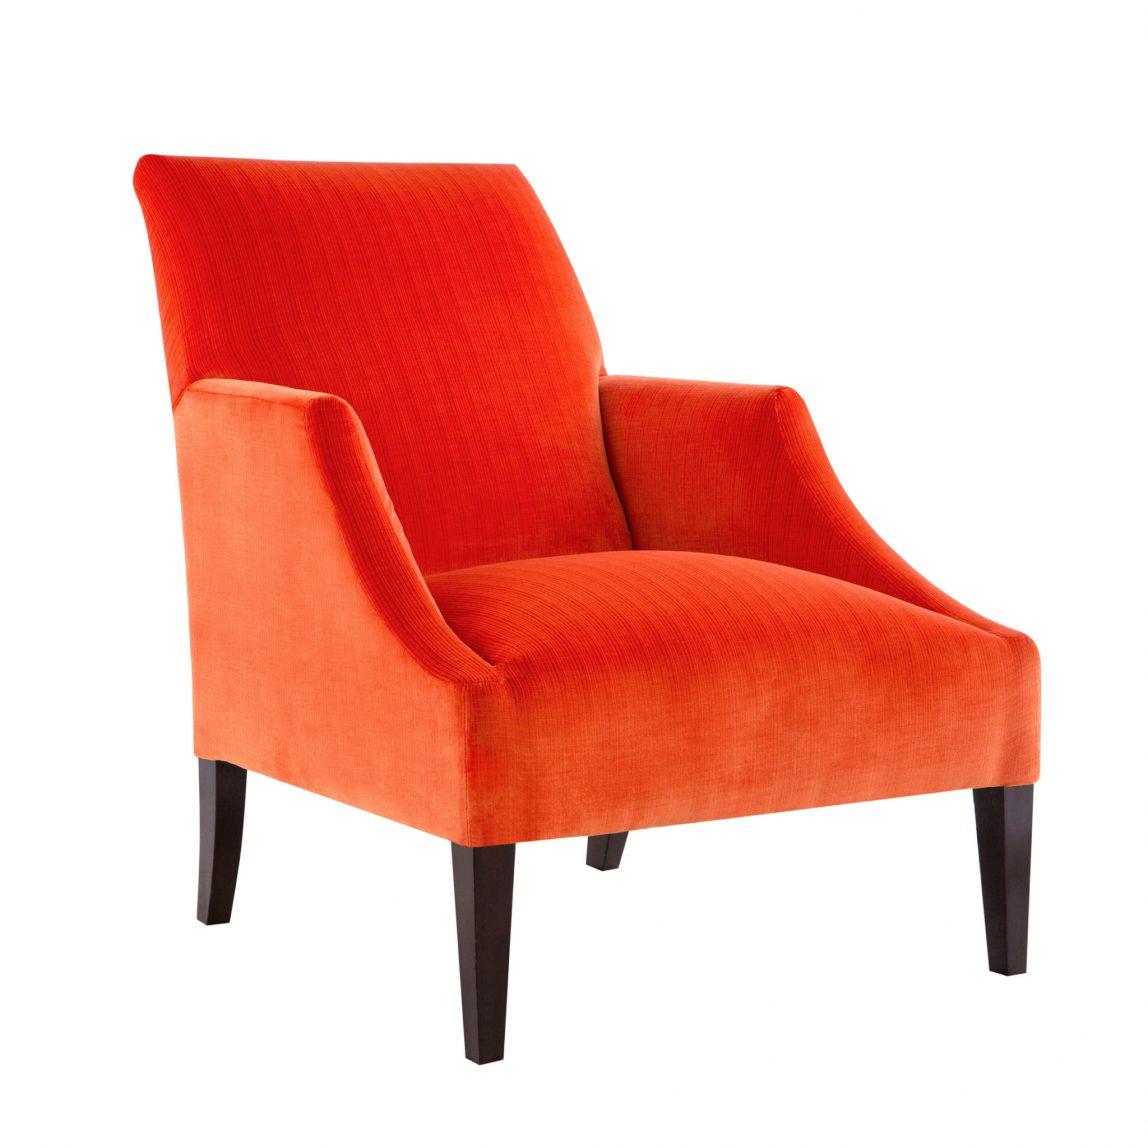 Дизайнерское красное кресло Мартин